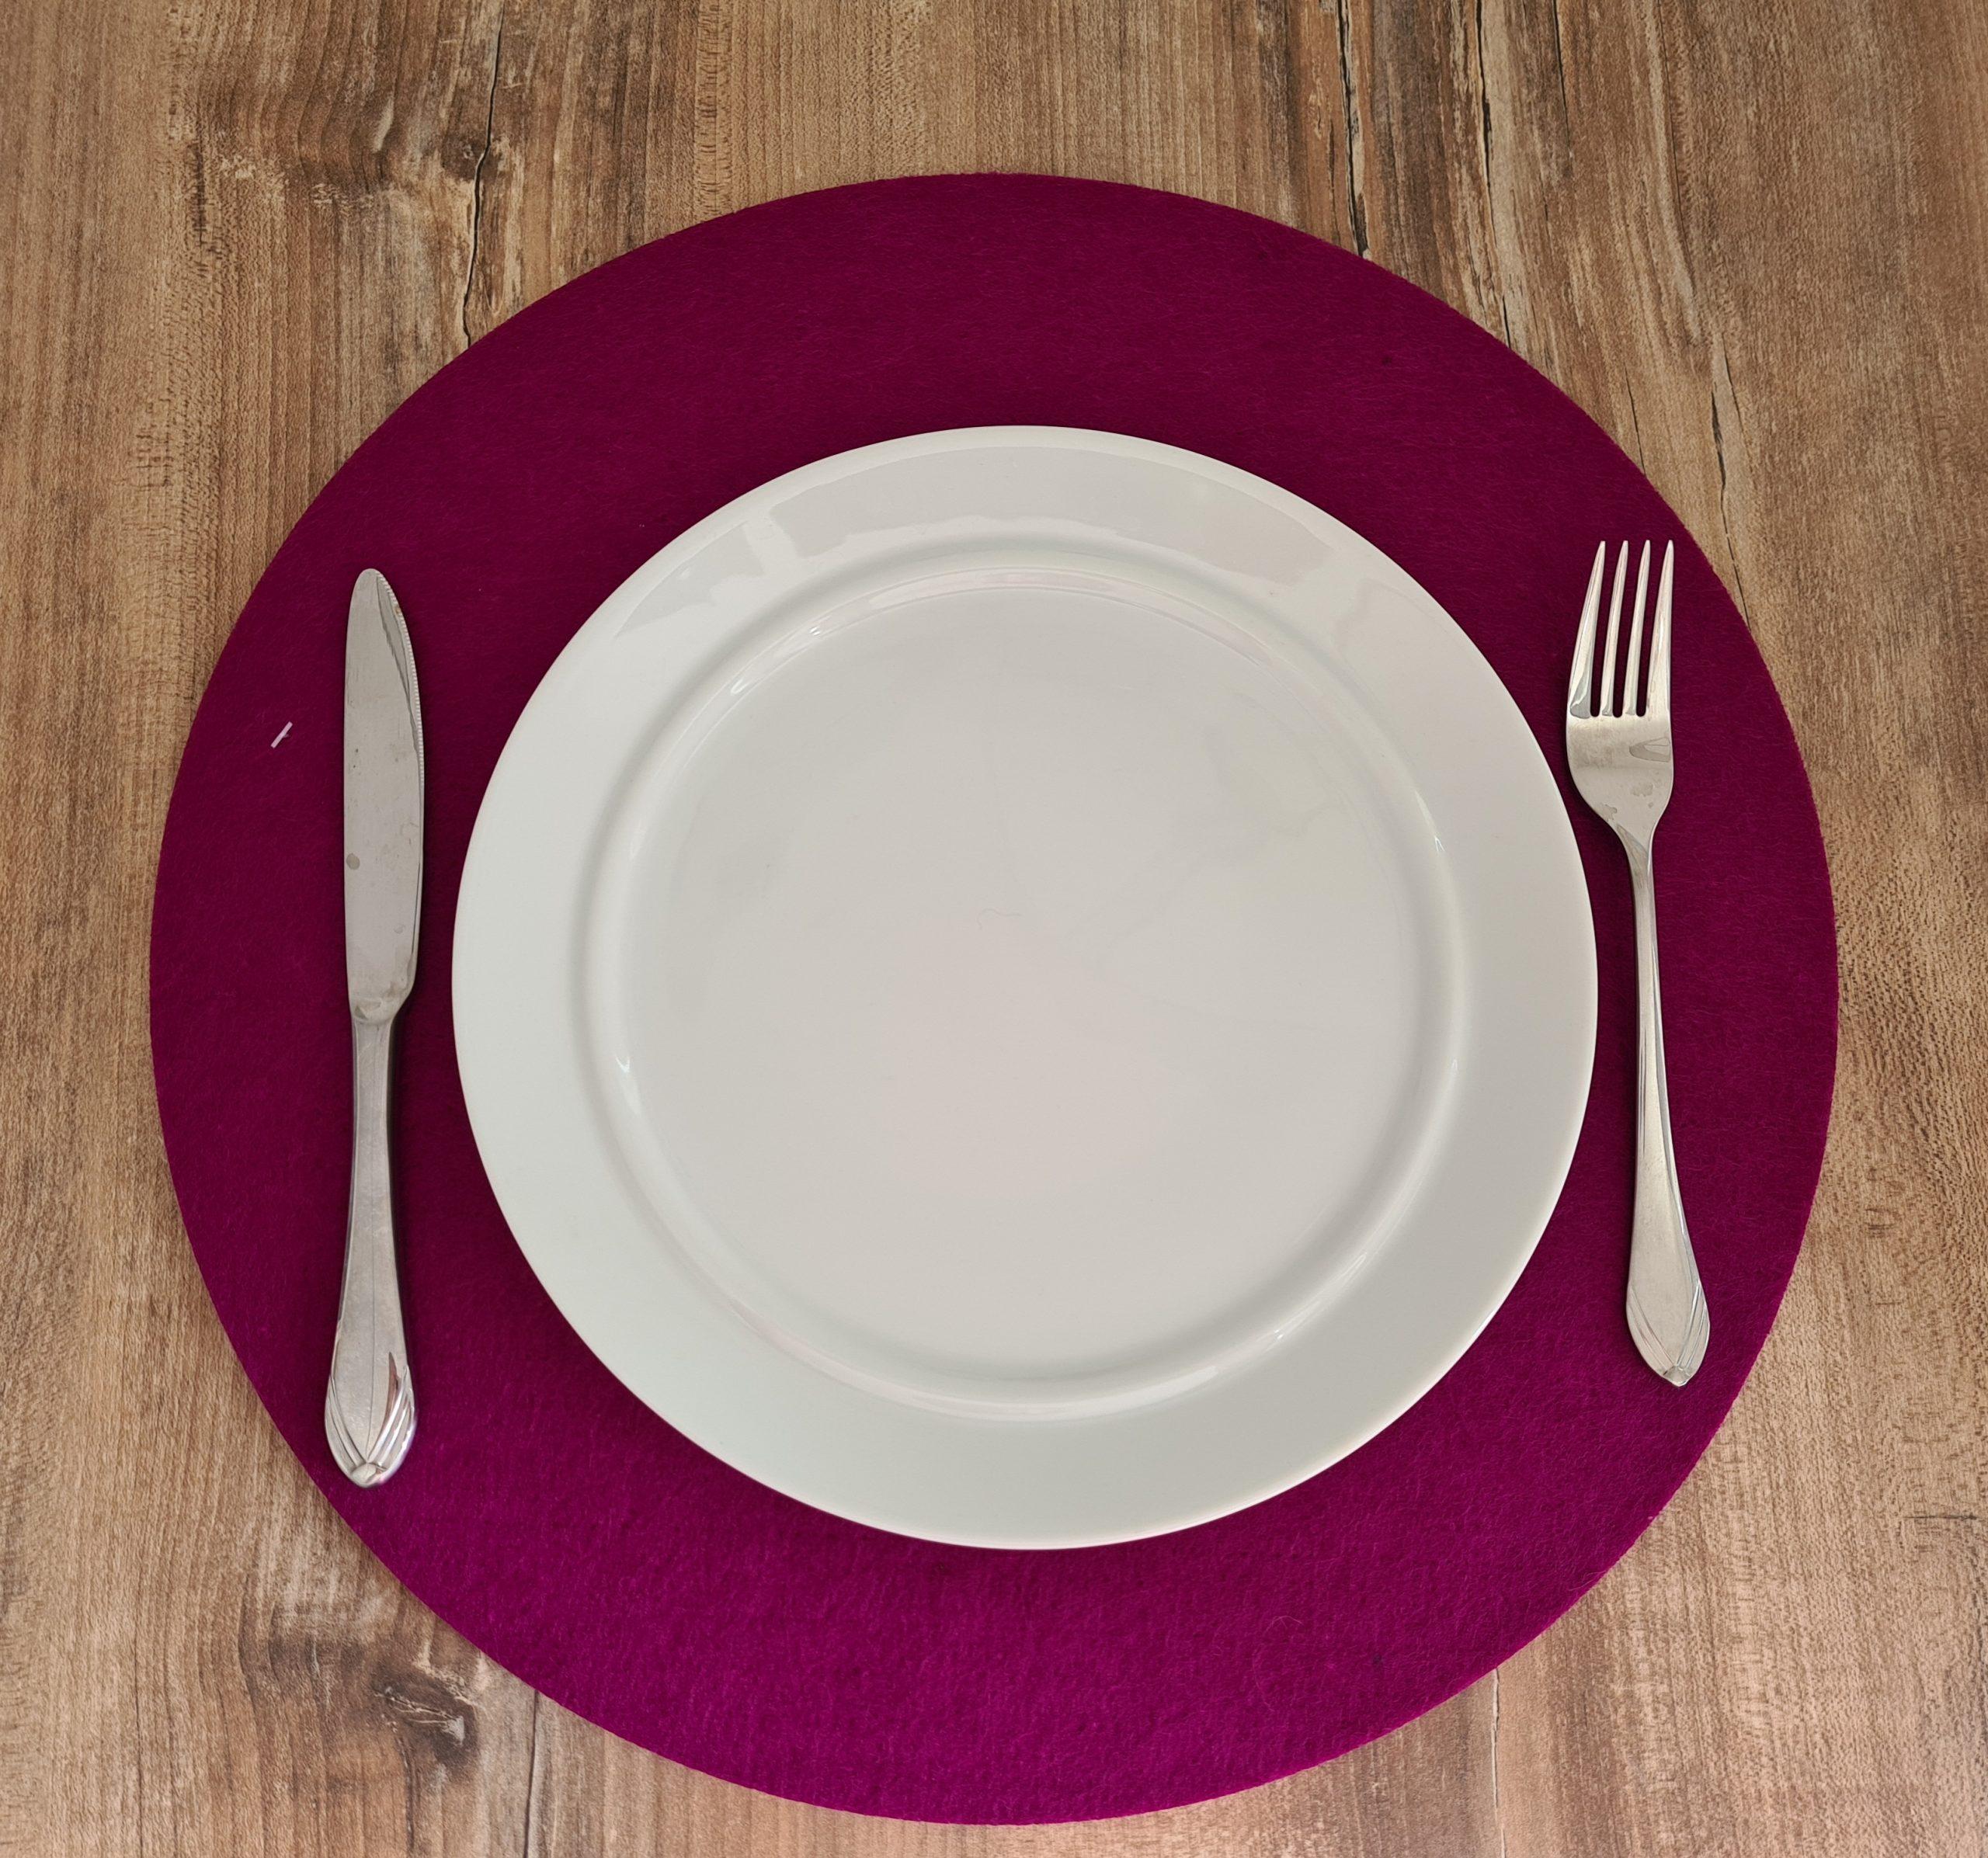 Pinker Filz-Untersetzter rund mit Teller und Besteck - Handgemachte individualisierbare Taschen, Körbe, Tischsets, Dekoartikel und mehr auf fideko.de der Onlineshop seit 2011